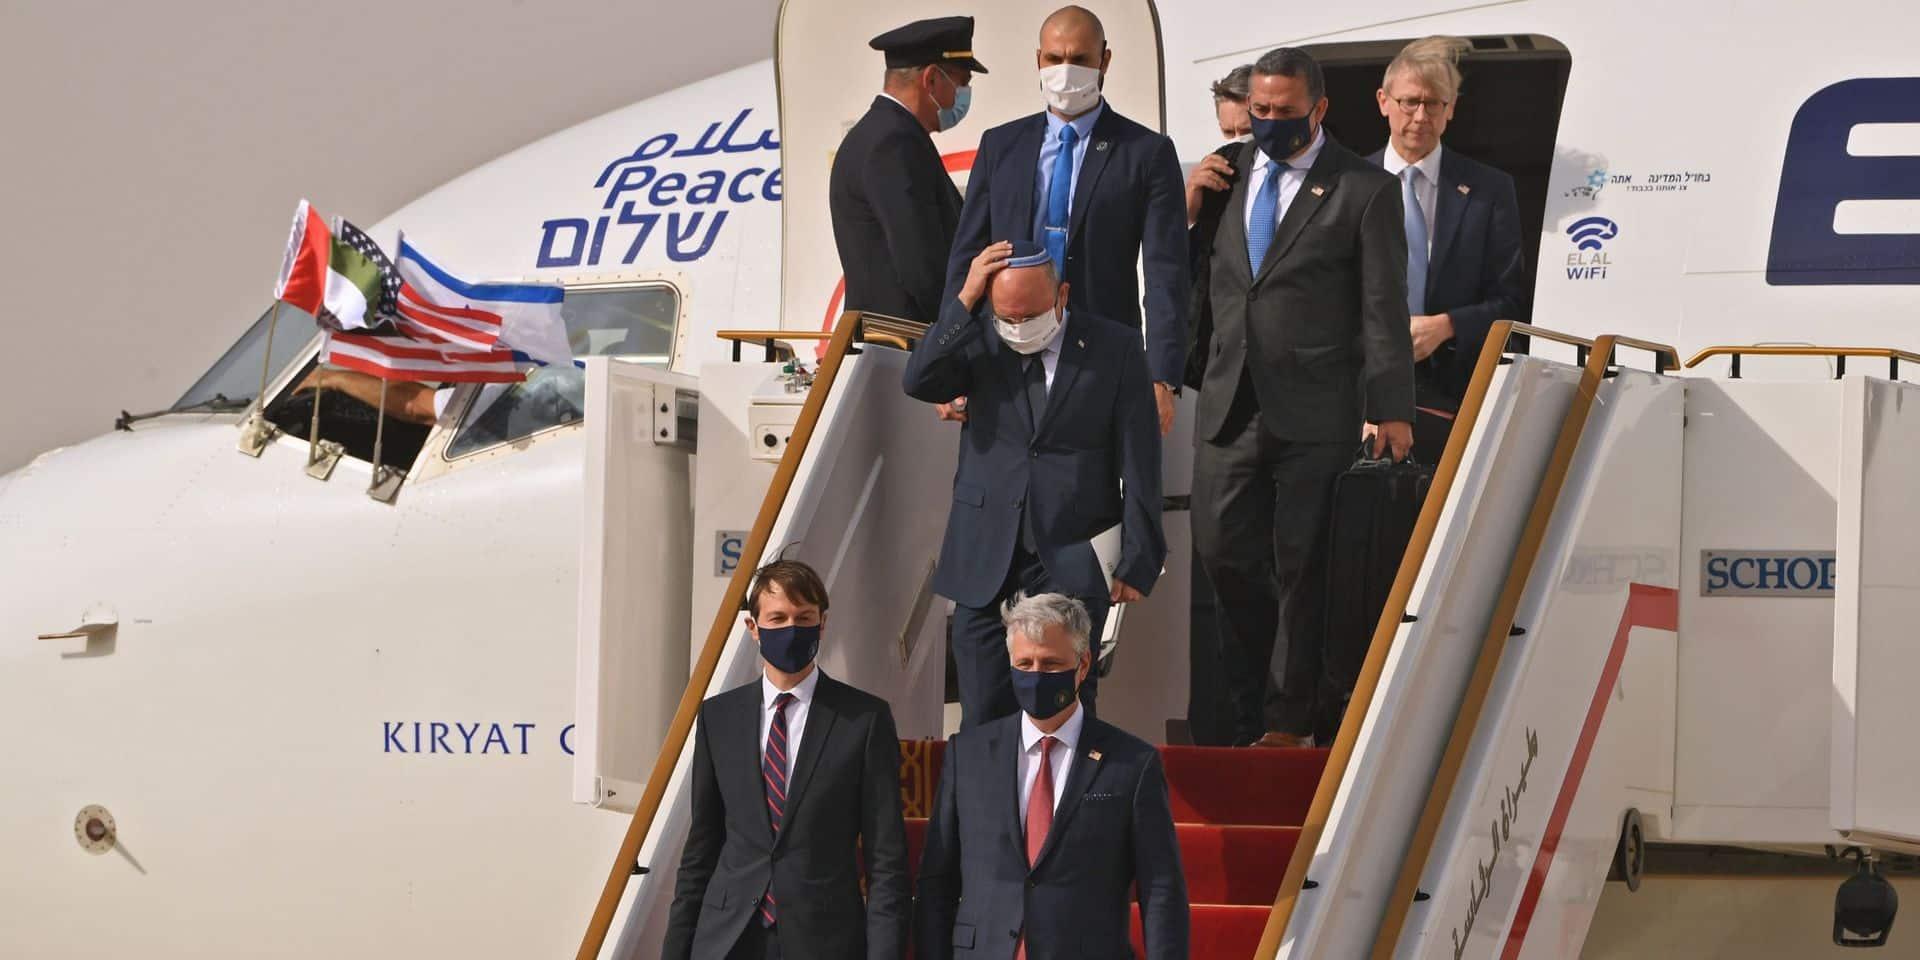 Une délégation israélo-américaine atterrit à Abou Dhabi après un vol historique